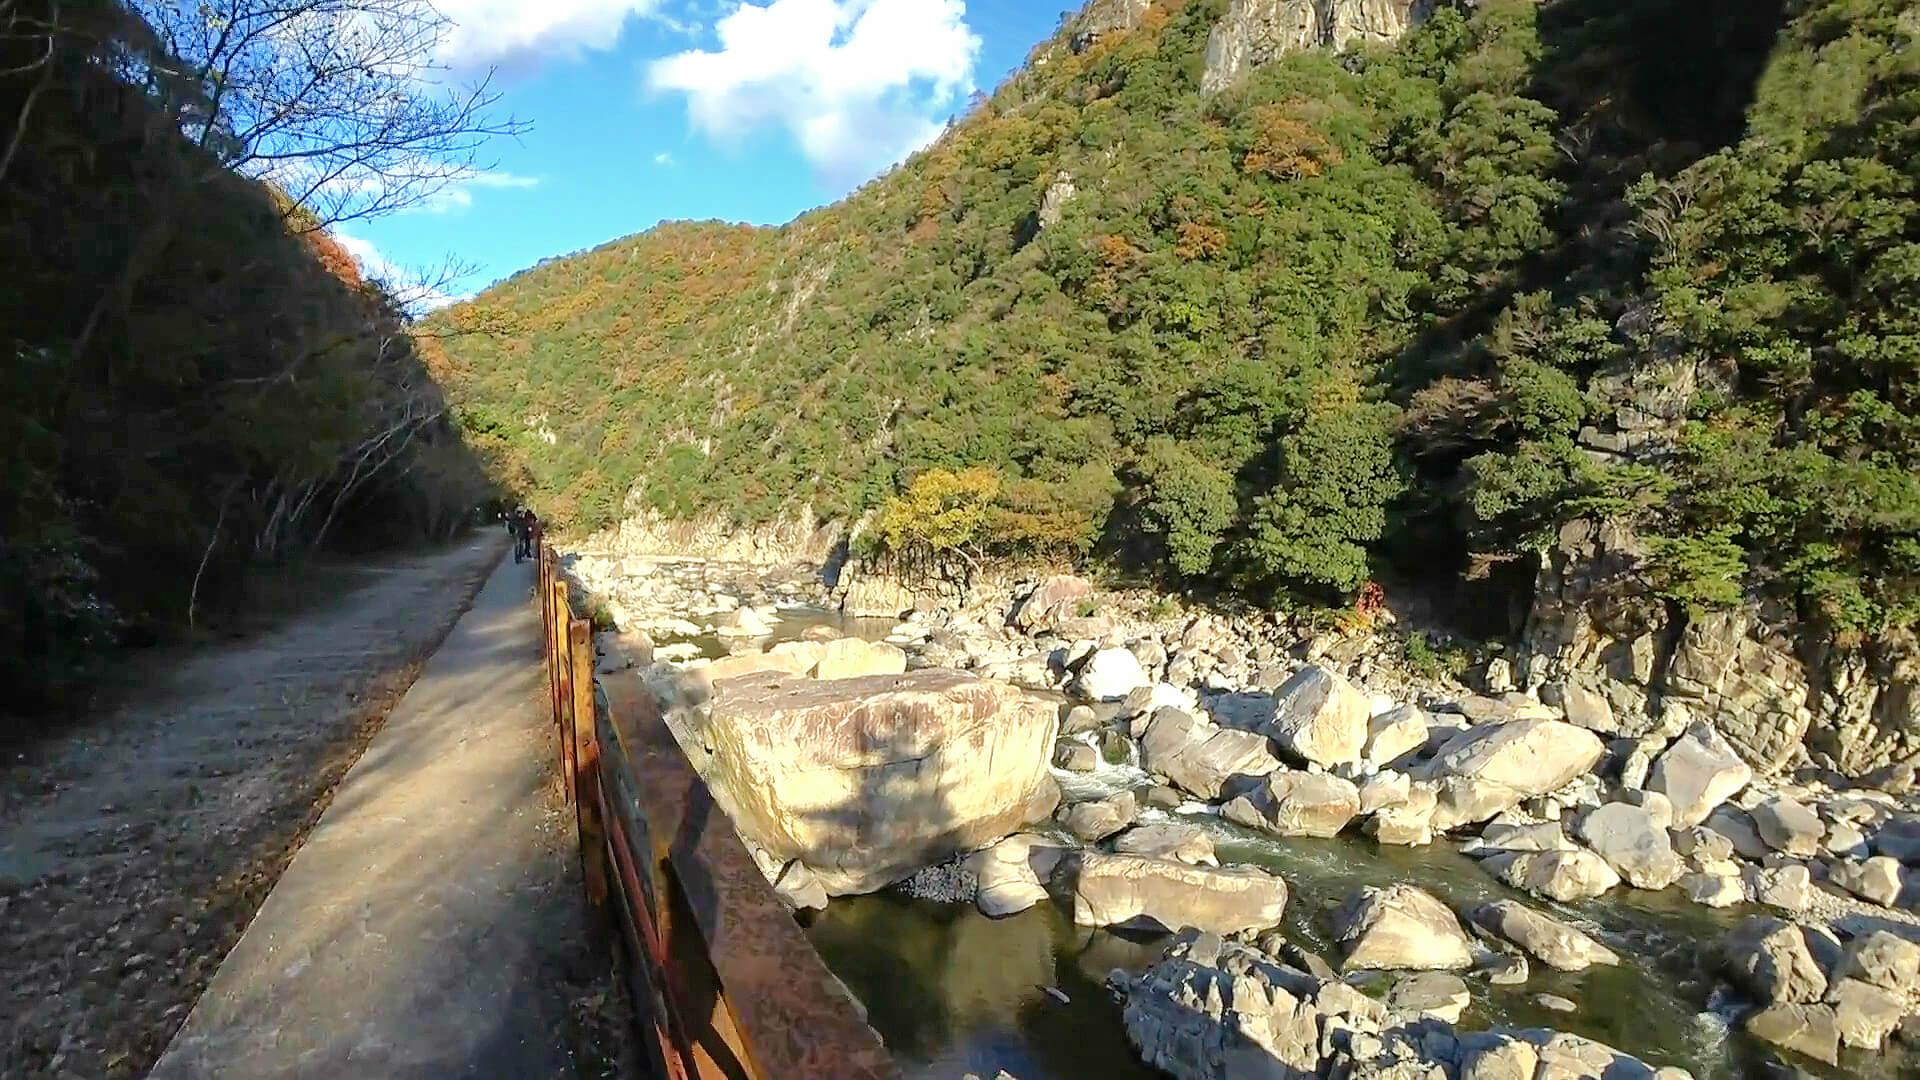 武田尾廃線敷の姥ヶ懐川橋梁を通過して北山第1トンネルへ